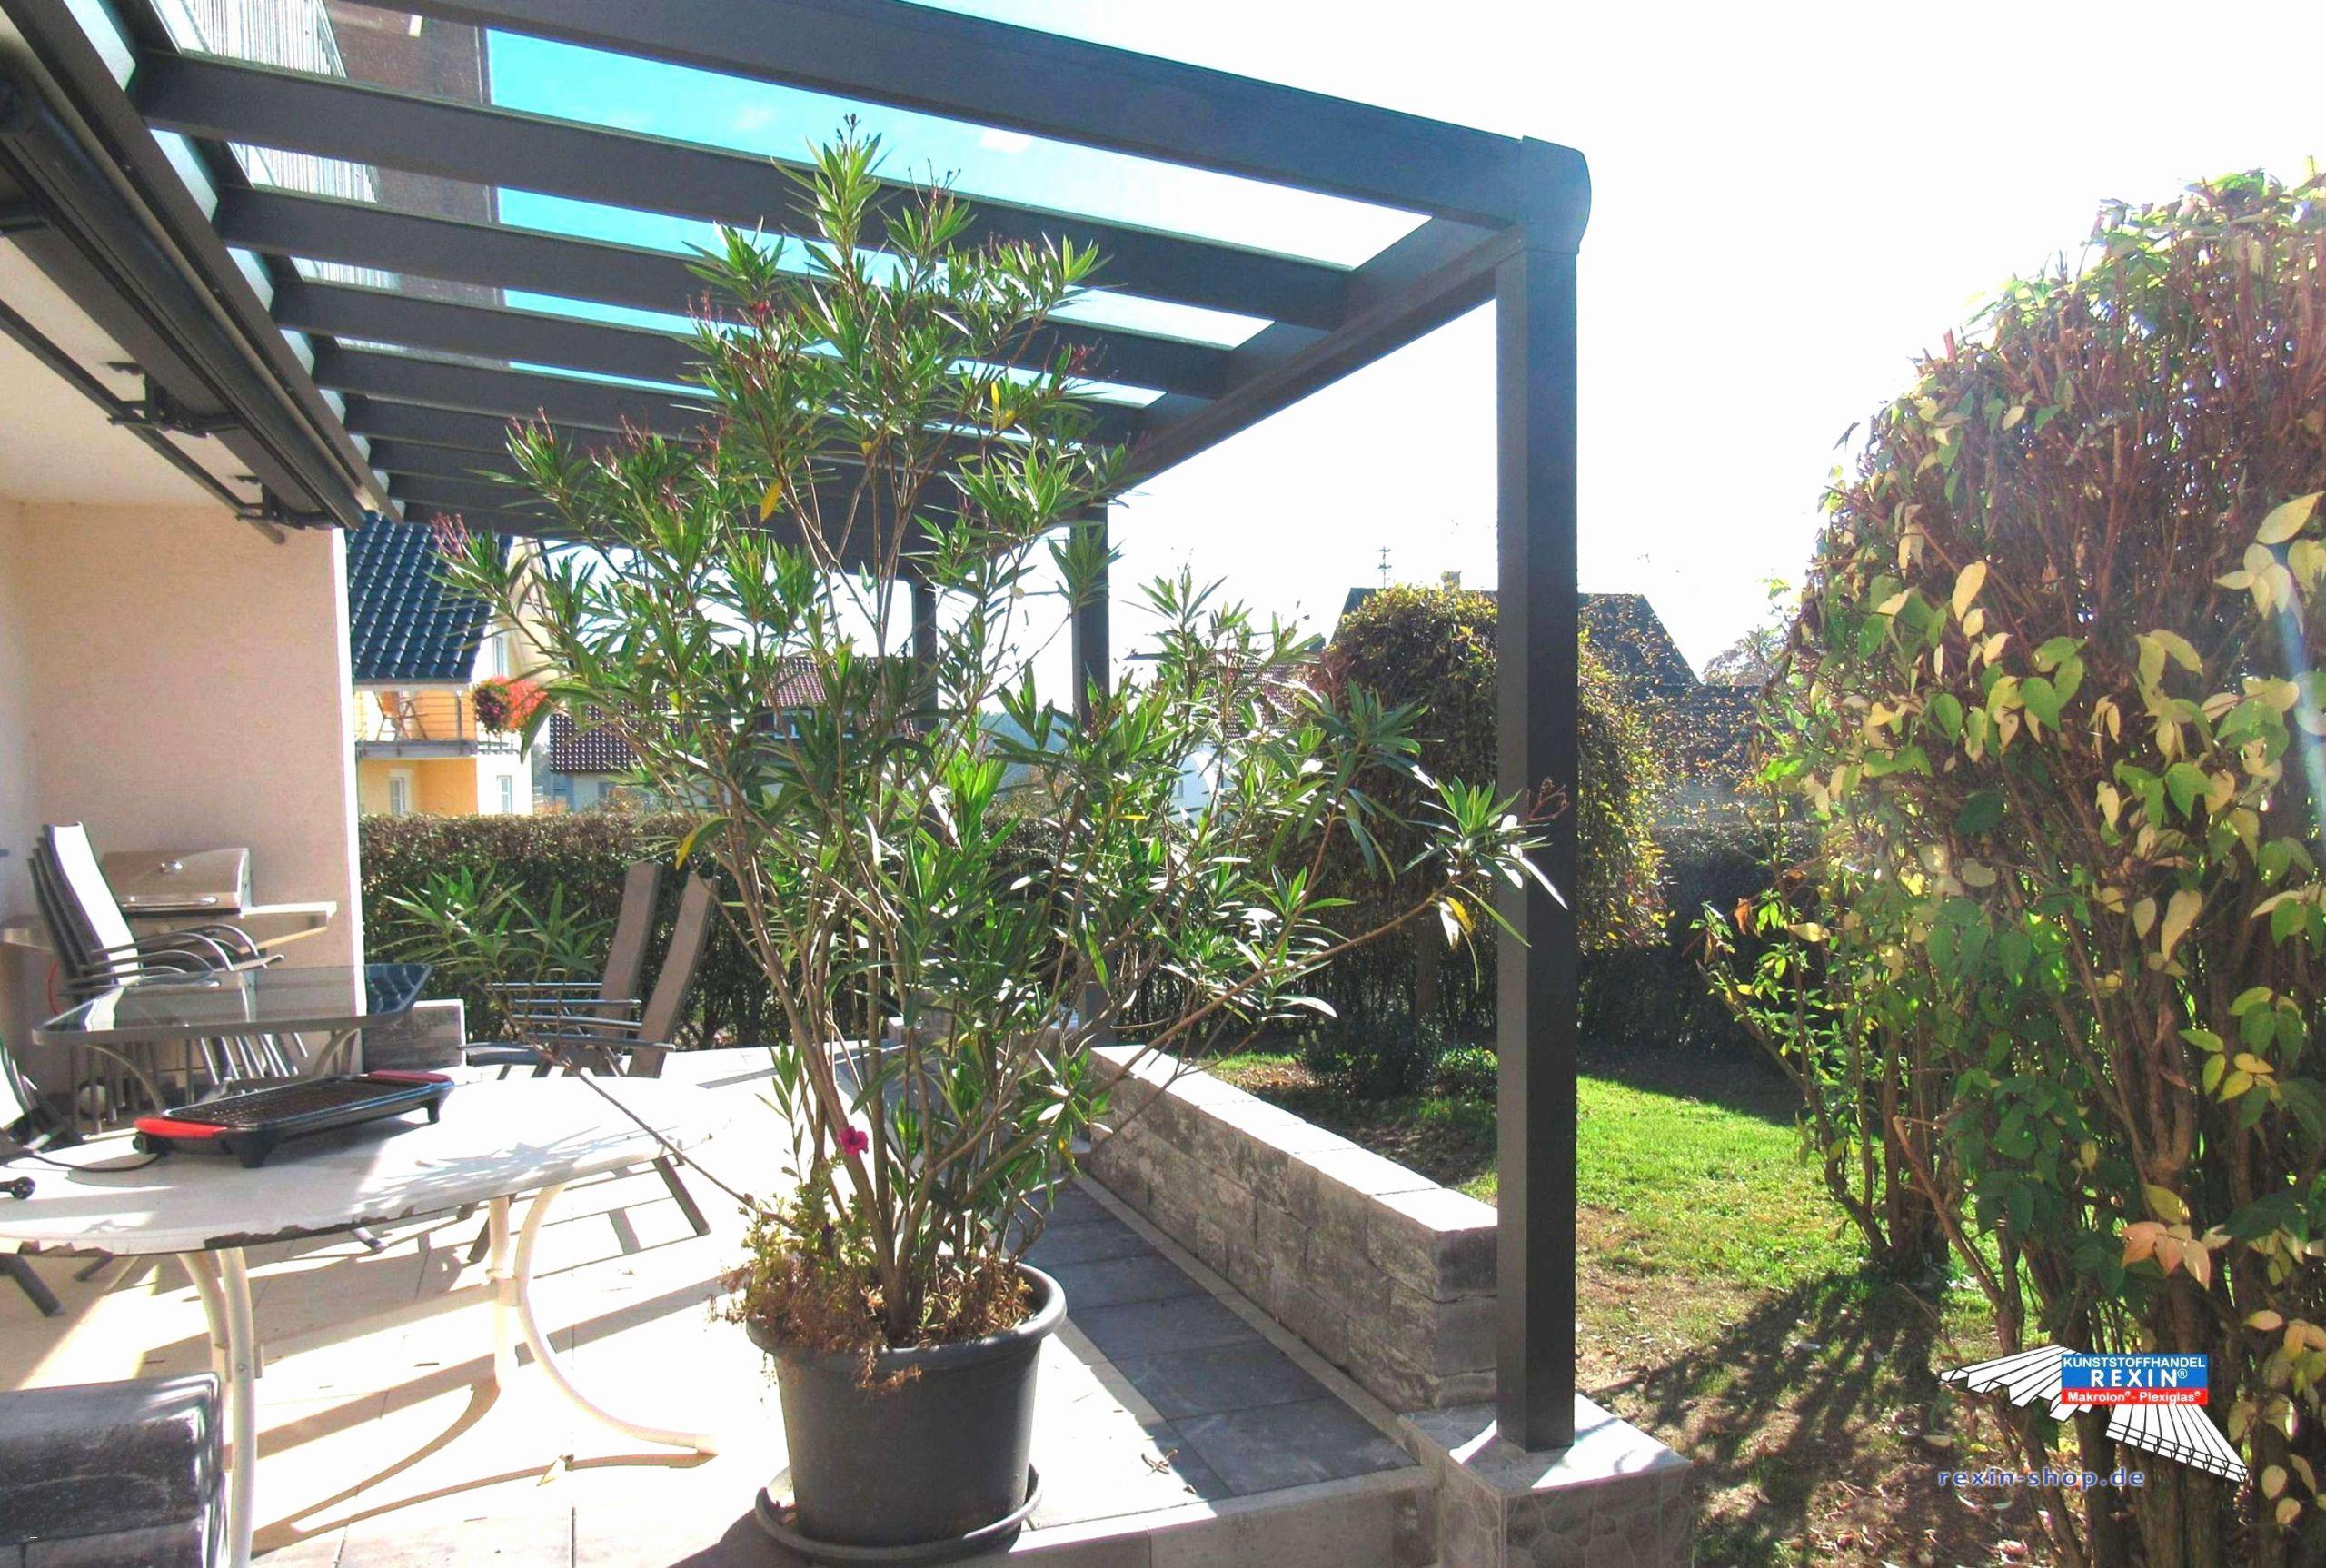 reihenhausgarten modern gestalten mit 54 schonheit fotos von kleine garten gestalten reihenhaus 48 und kleine garten gestalten reihenhaus genial kleine garten gestalten beispiele inspirierend 34 luxus